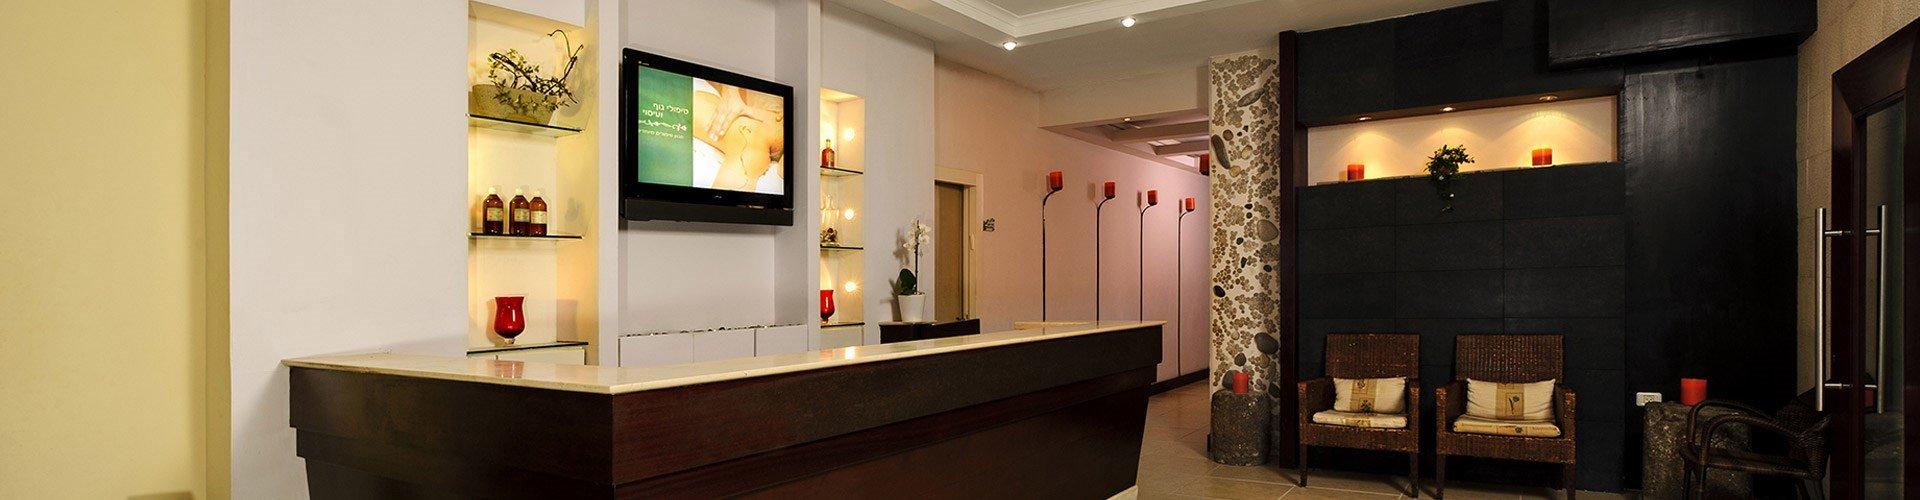 מלון קיסר פרמייר טבריה - חדרים